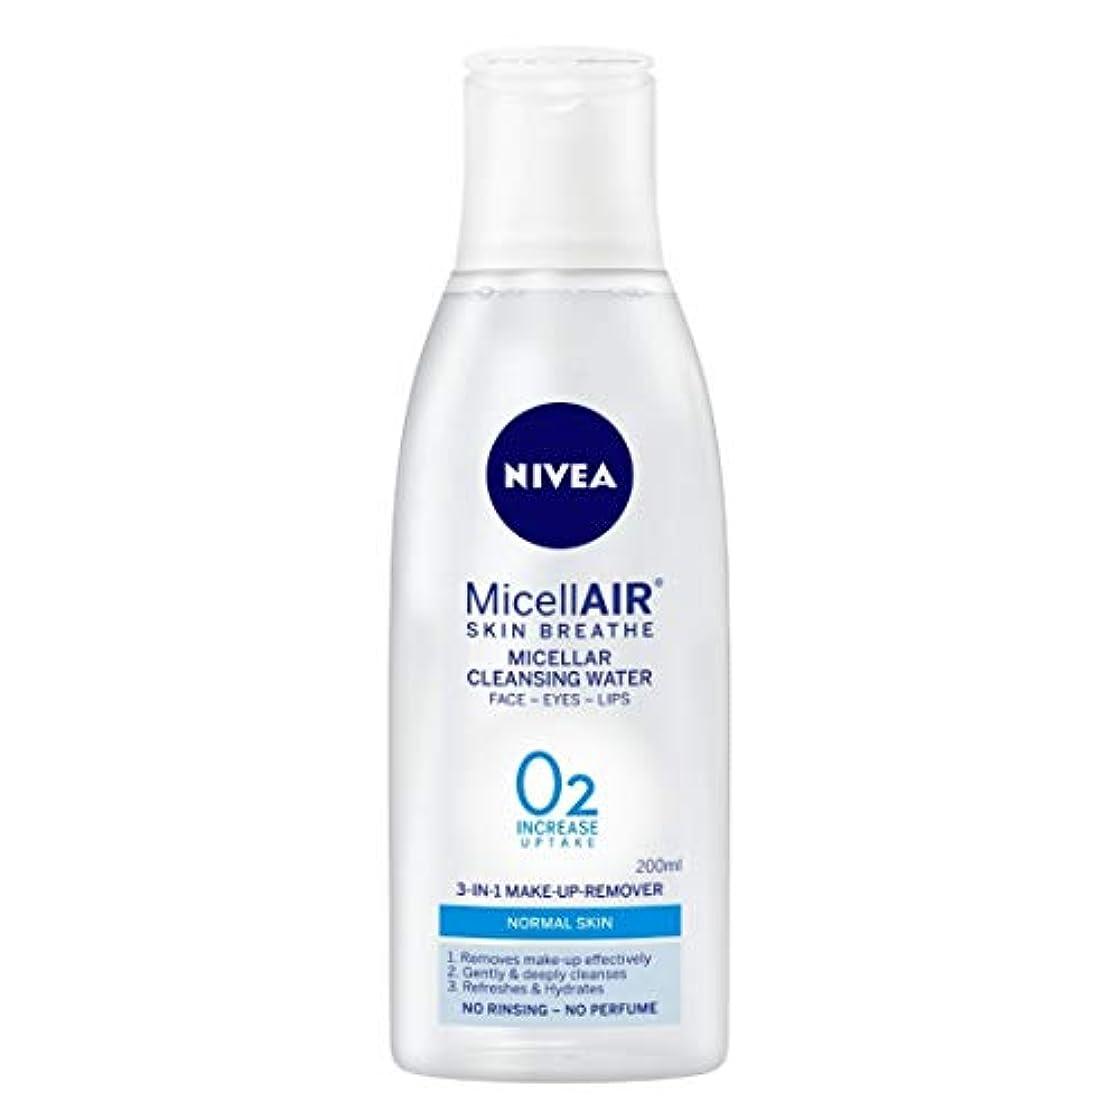 即席順番不適当NIVEA Micellar Cleansing Water, MicellAIR Skin Breathe Make Up Remover, 200ml